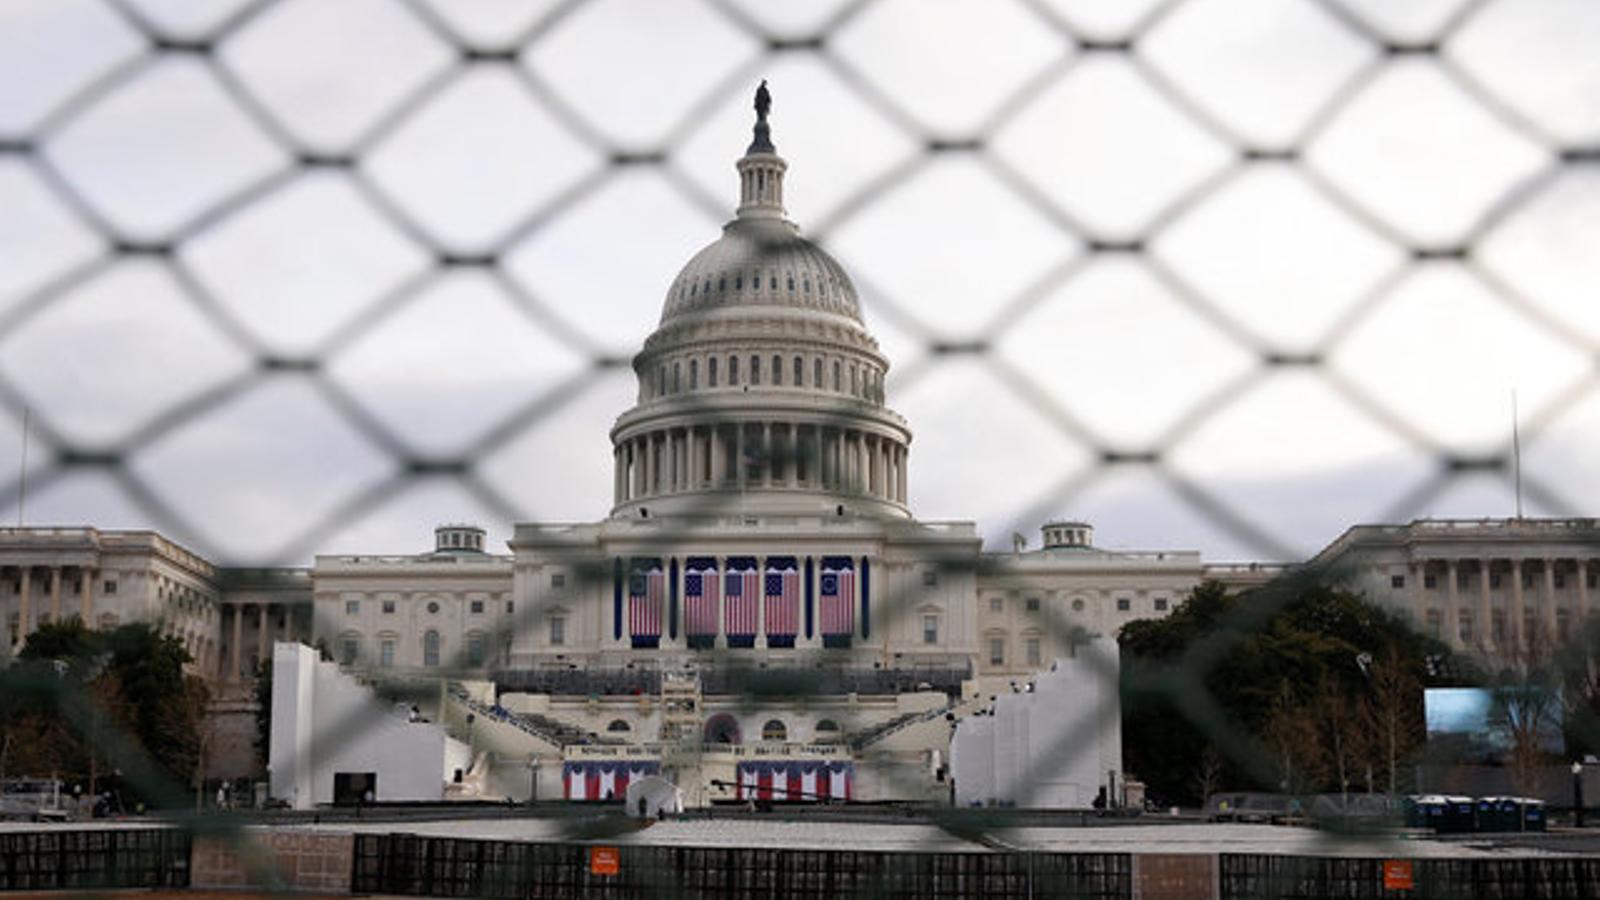 L'edifici del Capitoli es prepara per a la cerimònia d'estrena de l'era Trump.